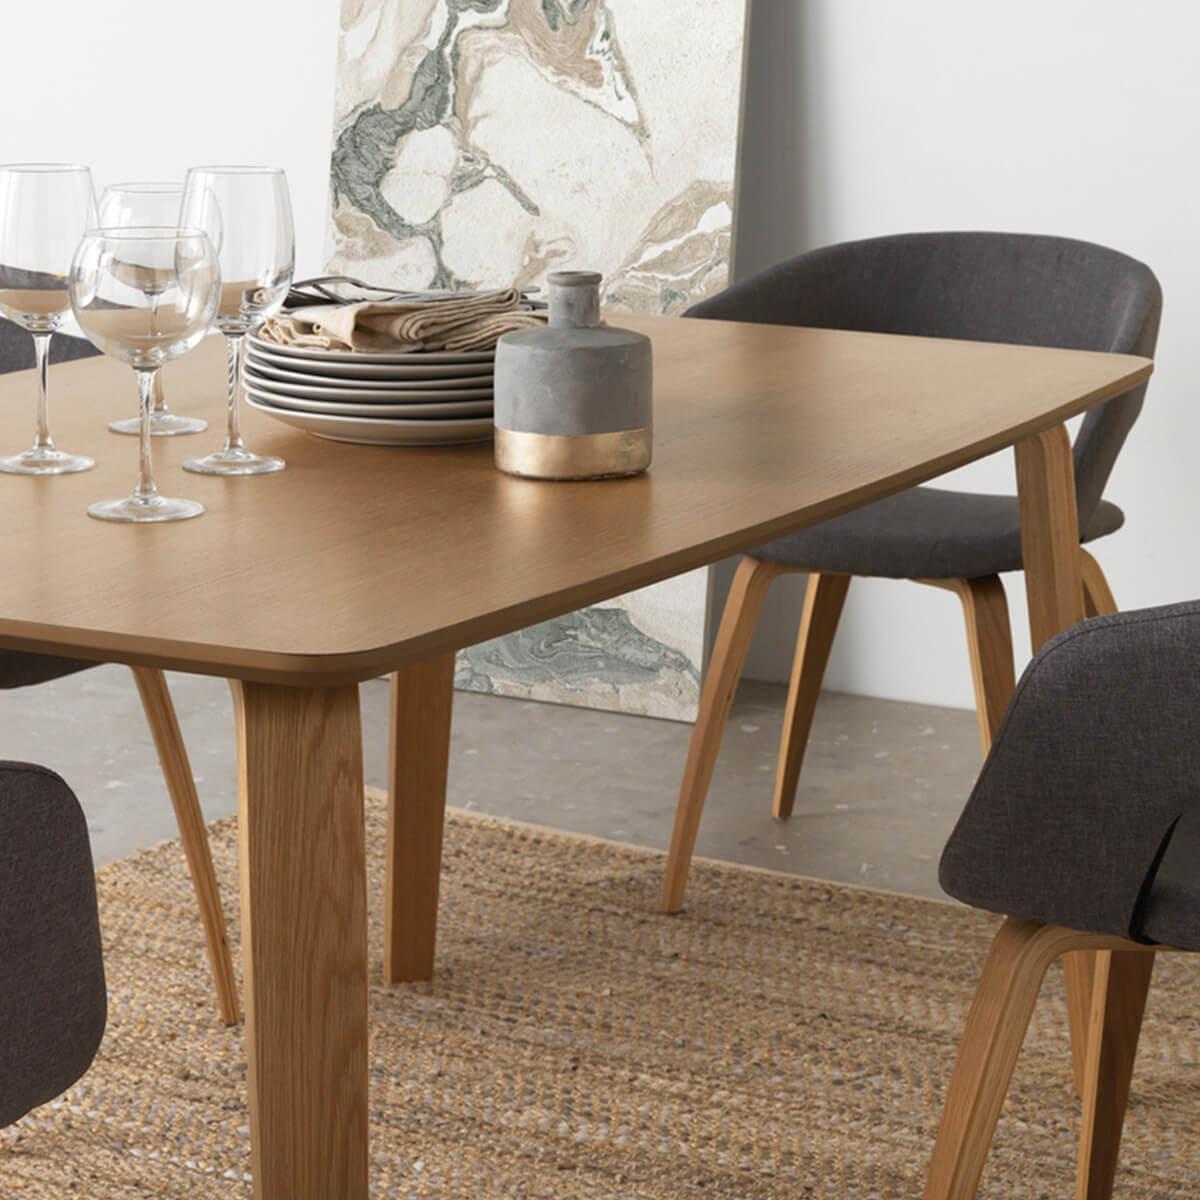 Mesa madera nórdica 150cm - Comprar muebles nórdicos